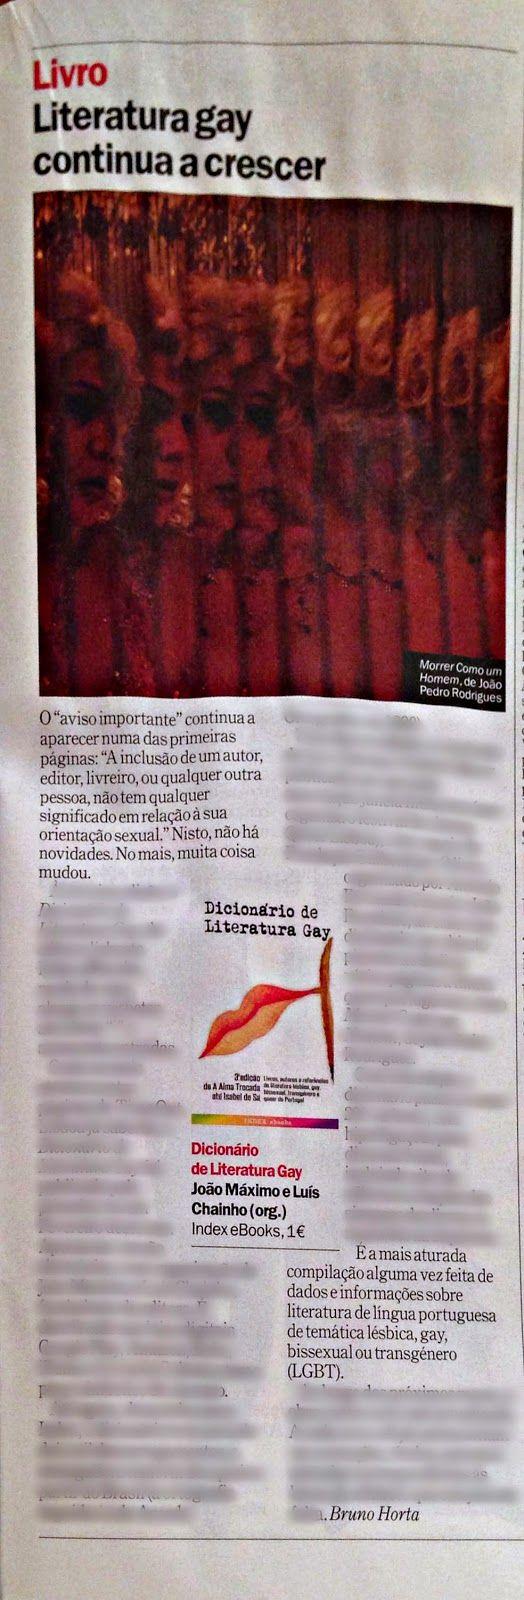 """""""a mais aturada compilação alguma vez feita de dados e informações sobre literatura de língua portuguesa de temática LGBT."""" TimeOut Lisboa 17-12-2014 http://www.indexebooks.com/dicionario.html"""